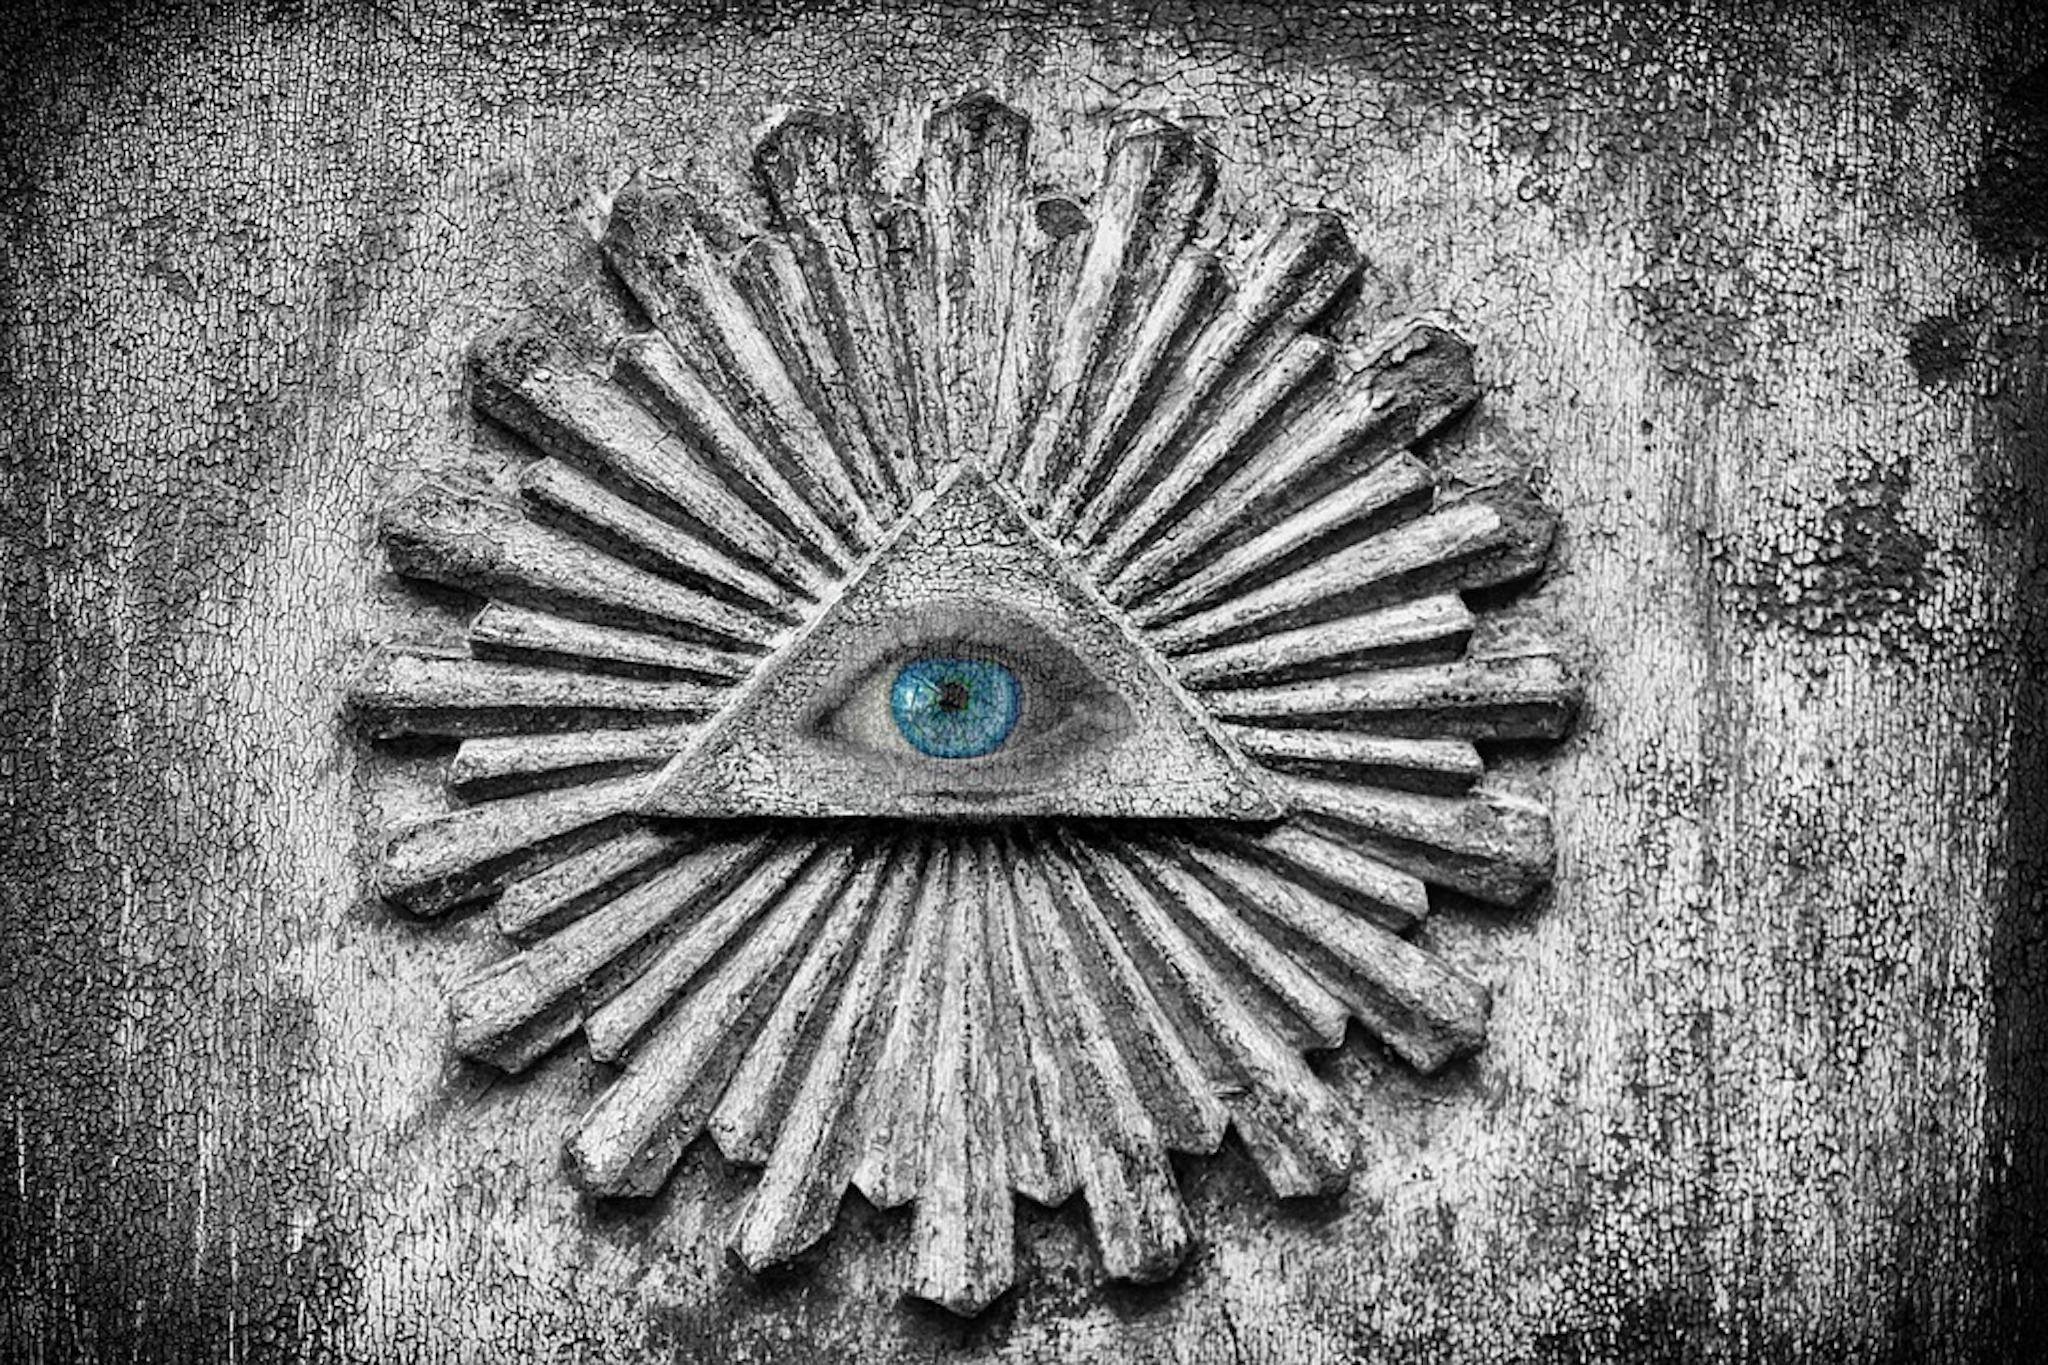 Alles unter Kontrolle: Das «Auge der Vorsehung» bringen Verschwörungstheoretiker gerne mit Geheimbünden in Verbindung.